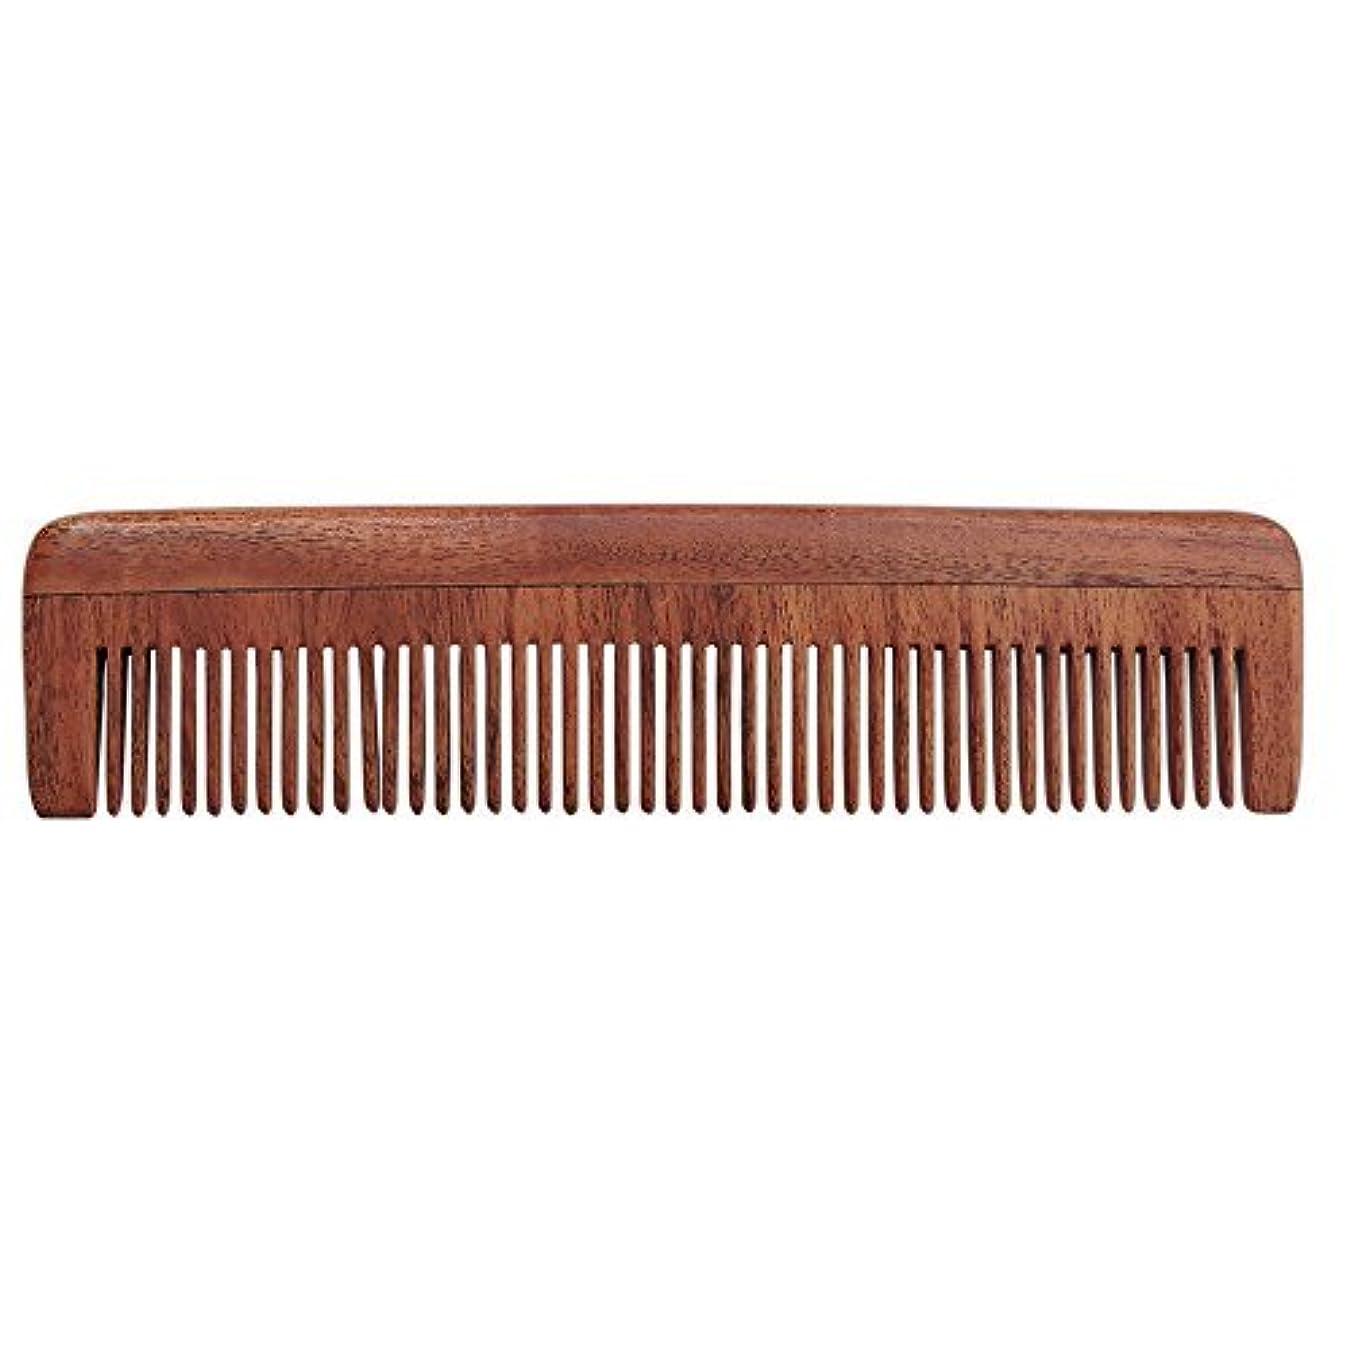 届けるジュース化学薬品HealthGoodsIn - Pure Neem Wood Fine Tooth Comb for Fine Hair | Fine Tooth Neem Comb | Organic and Natural for Hair and Scalp Health [並行輸入品]